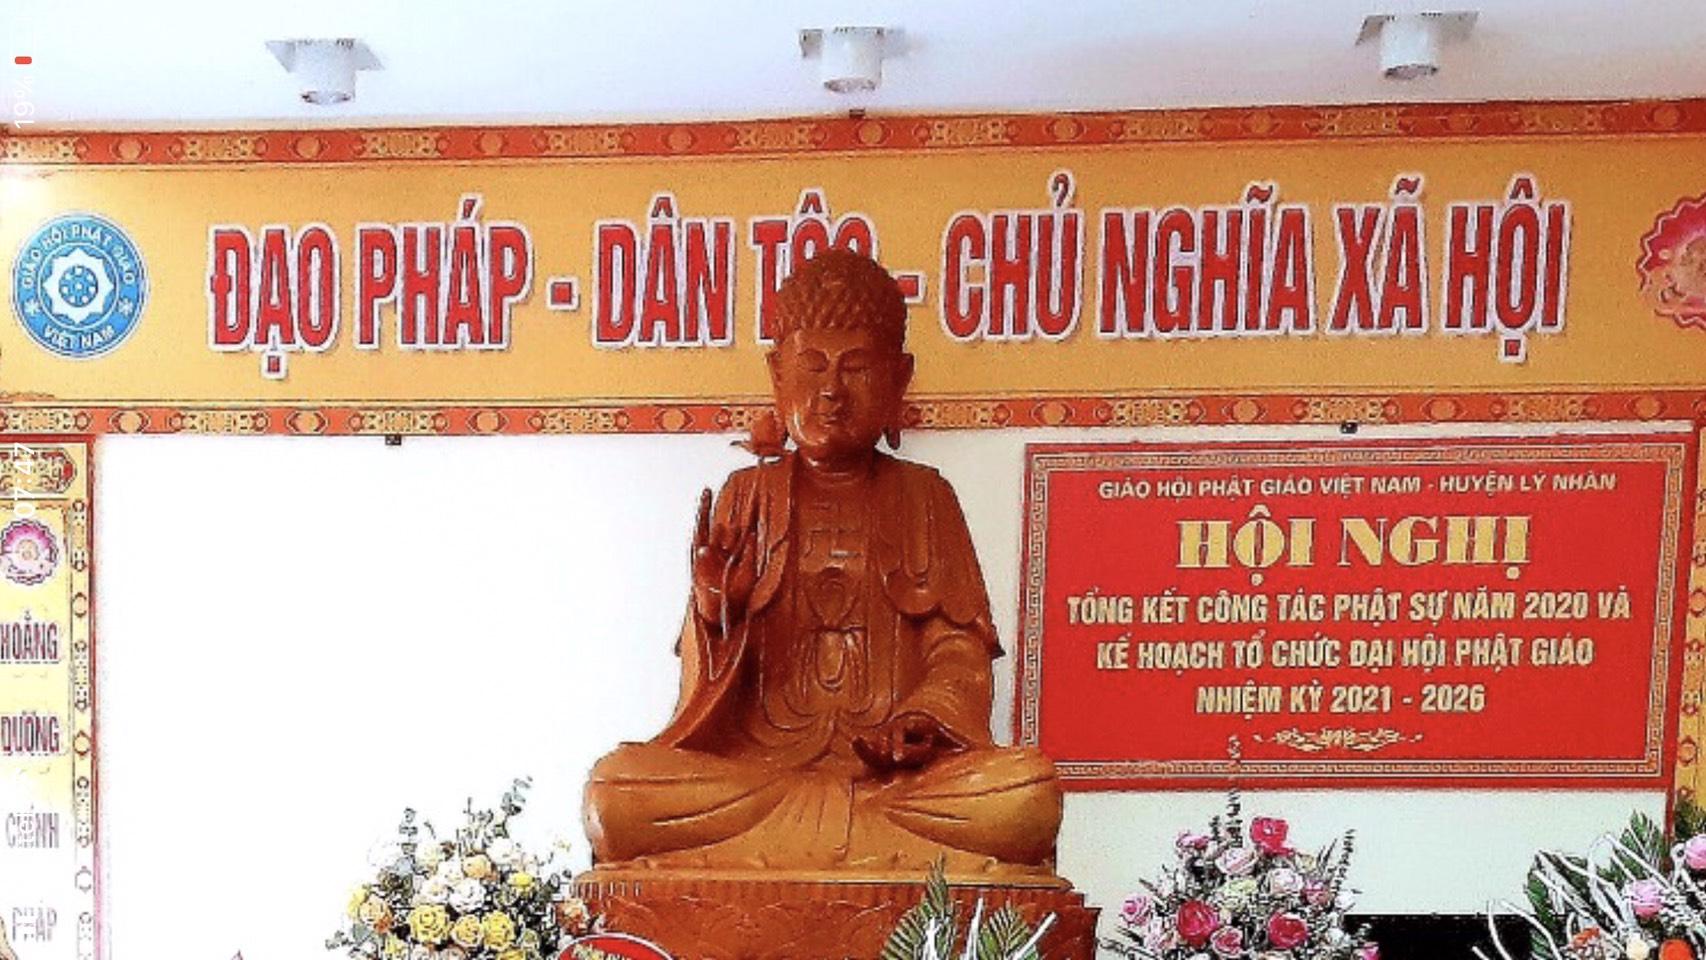 Huyện Lý Nhân:  Hội nghị tổng kết công tác Phật sự năm 2020 và phương hướng hoạt động Phật sự năm 2021